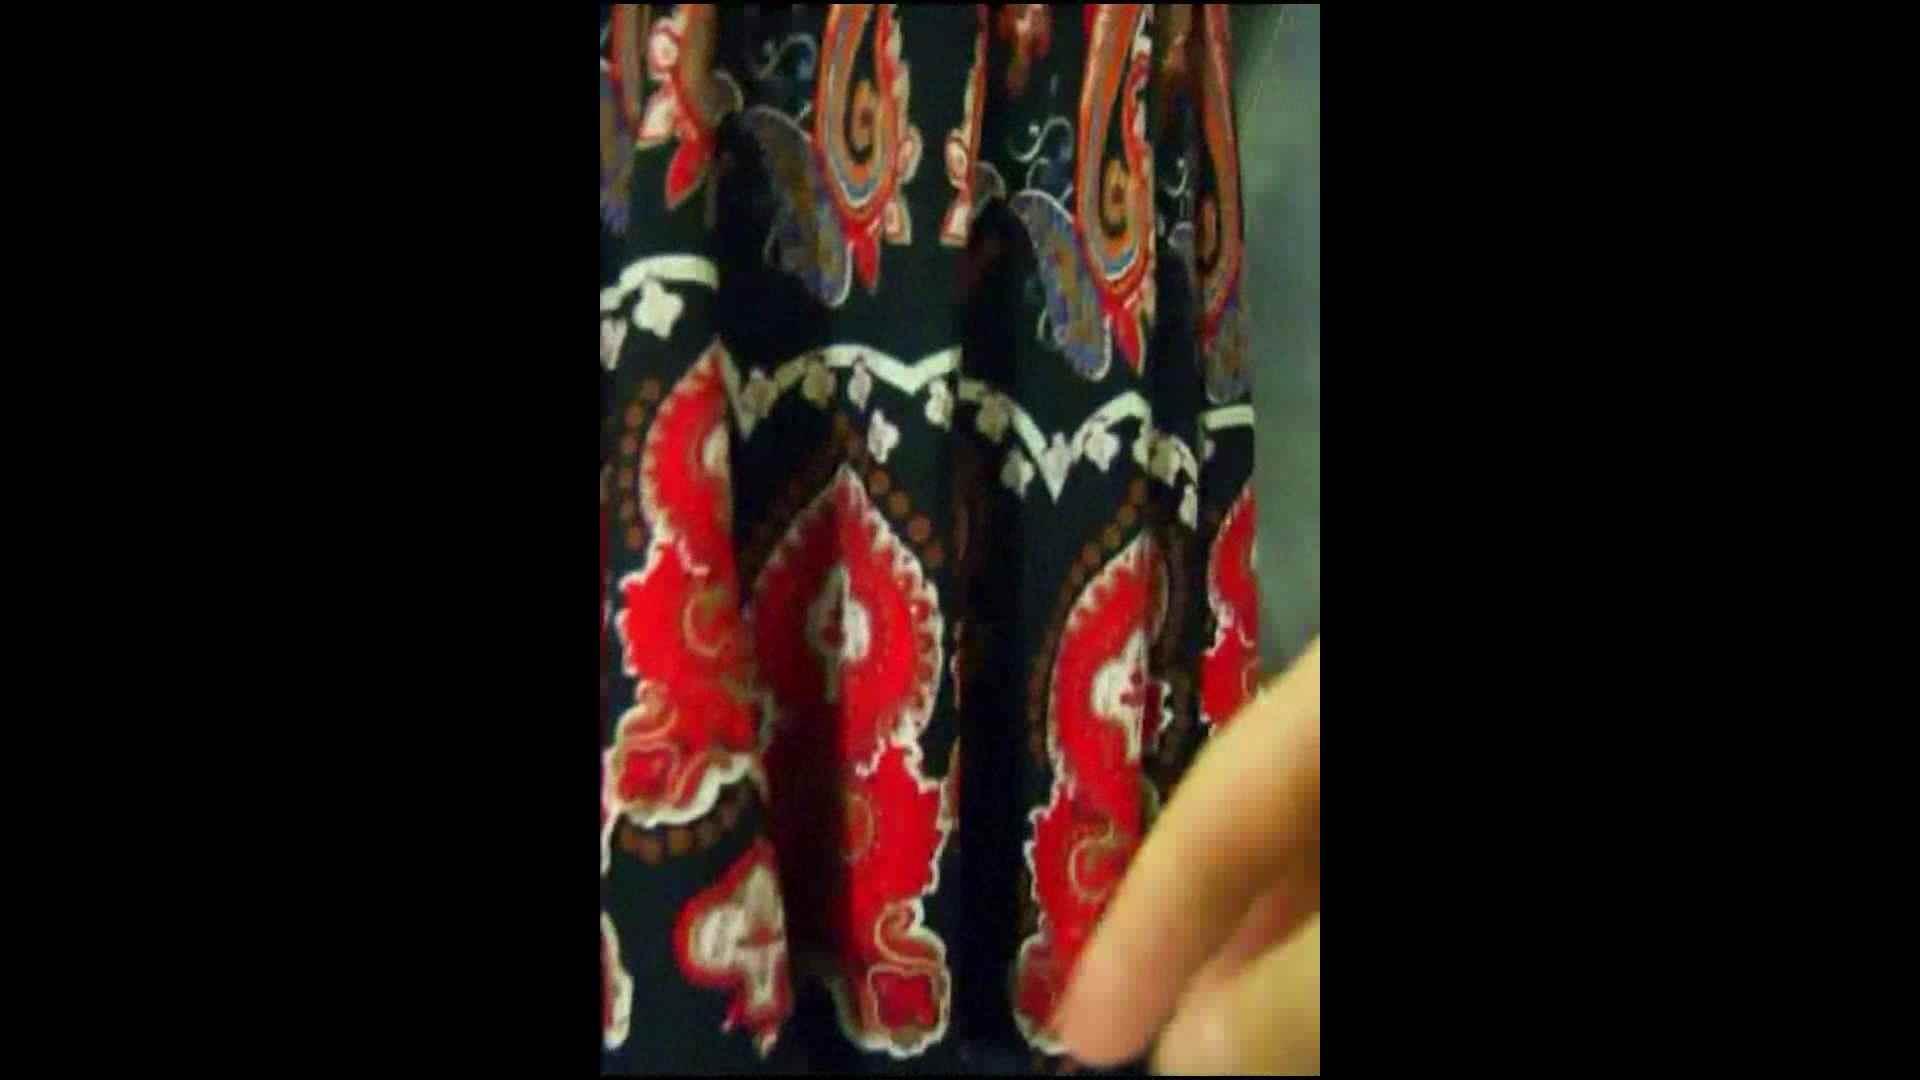 綺麗なモデルさんのスカート捲っちゃおう‼vol04 0  49連発 5